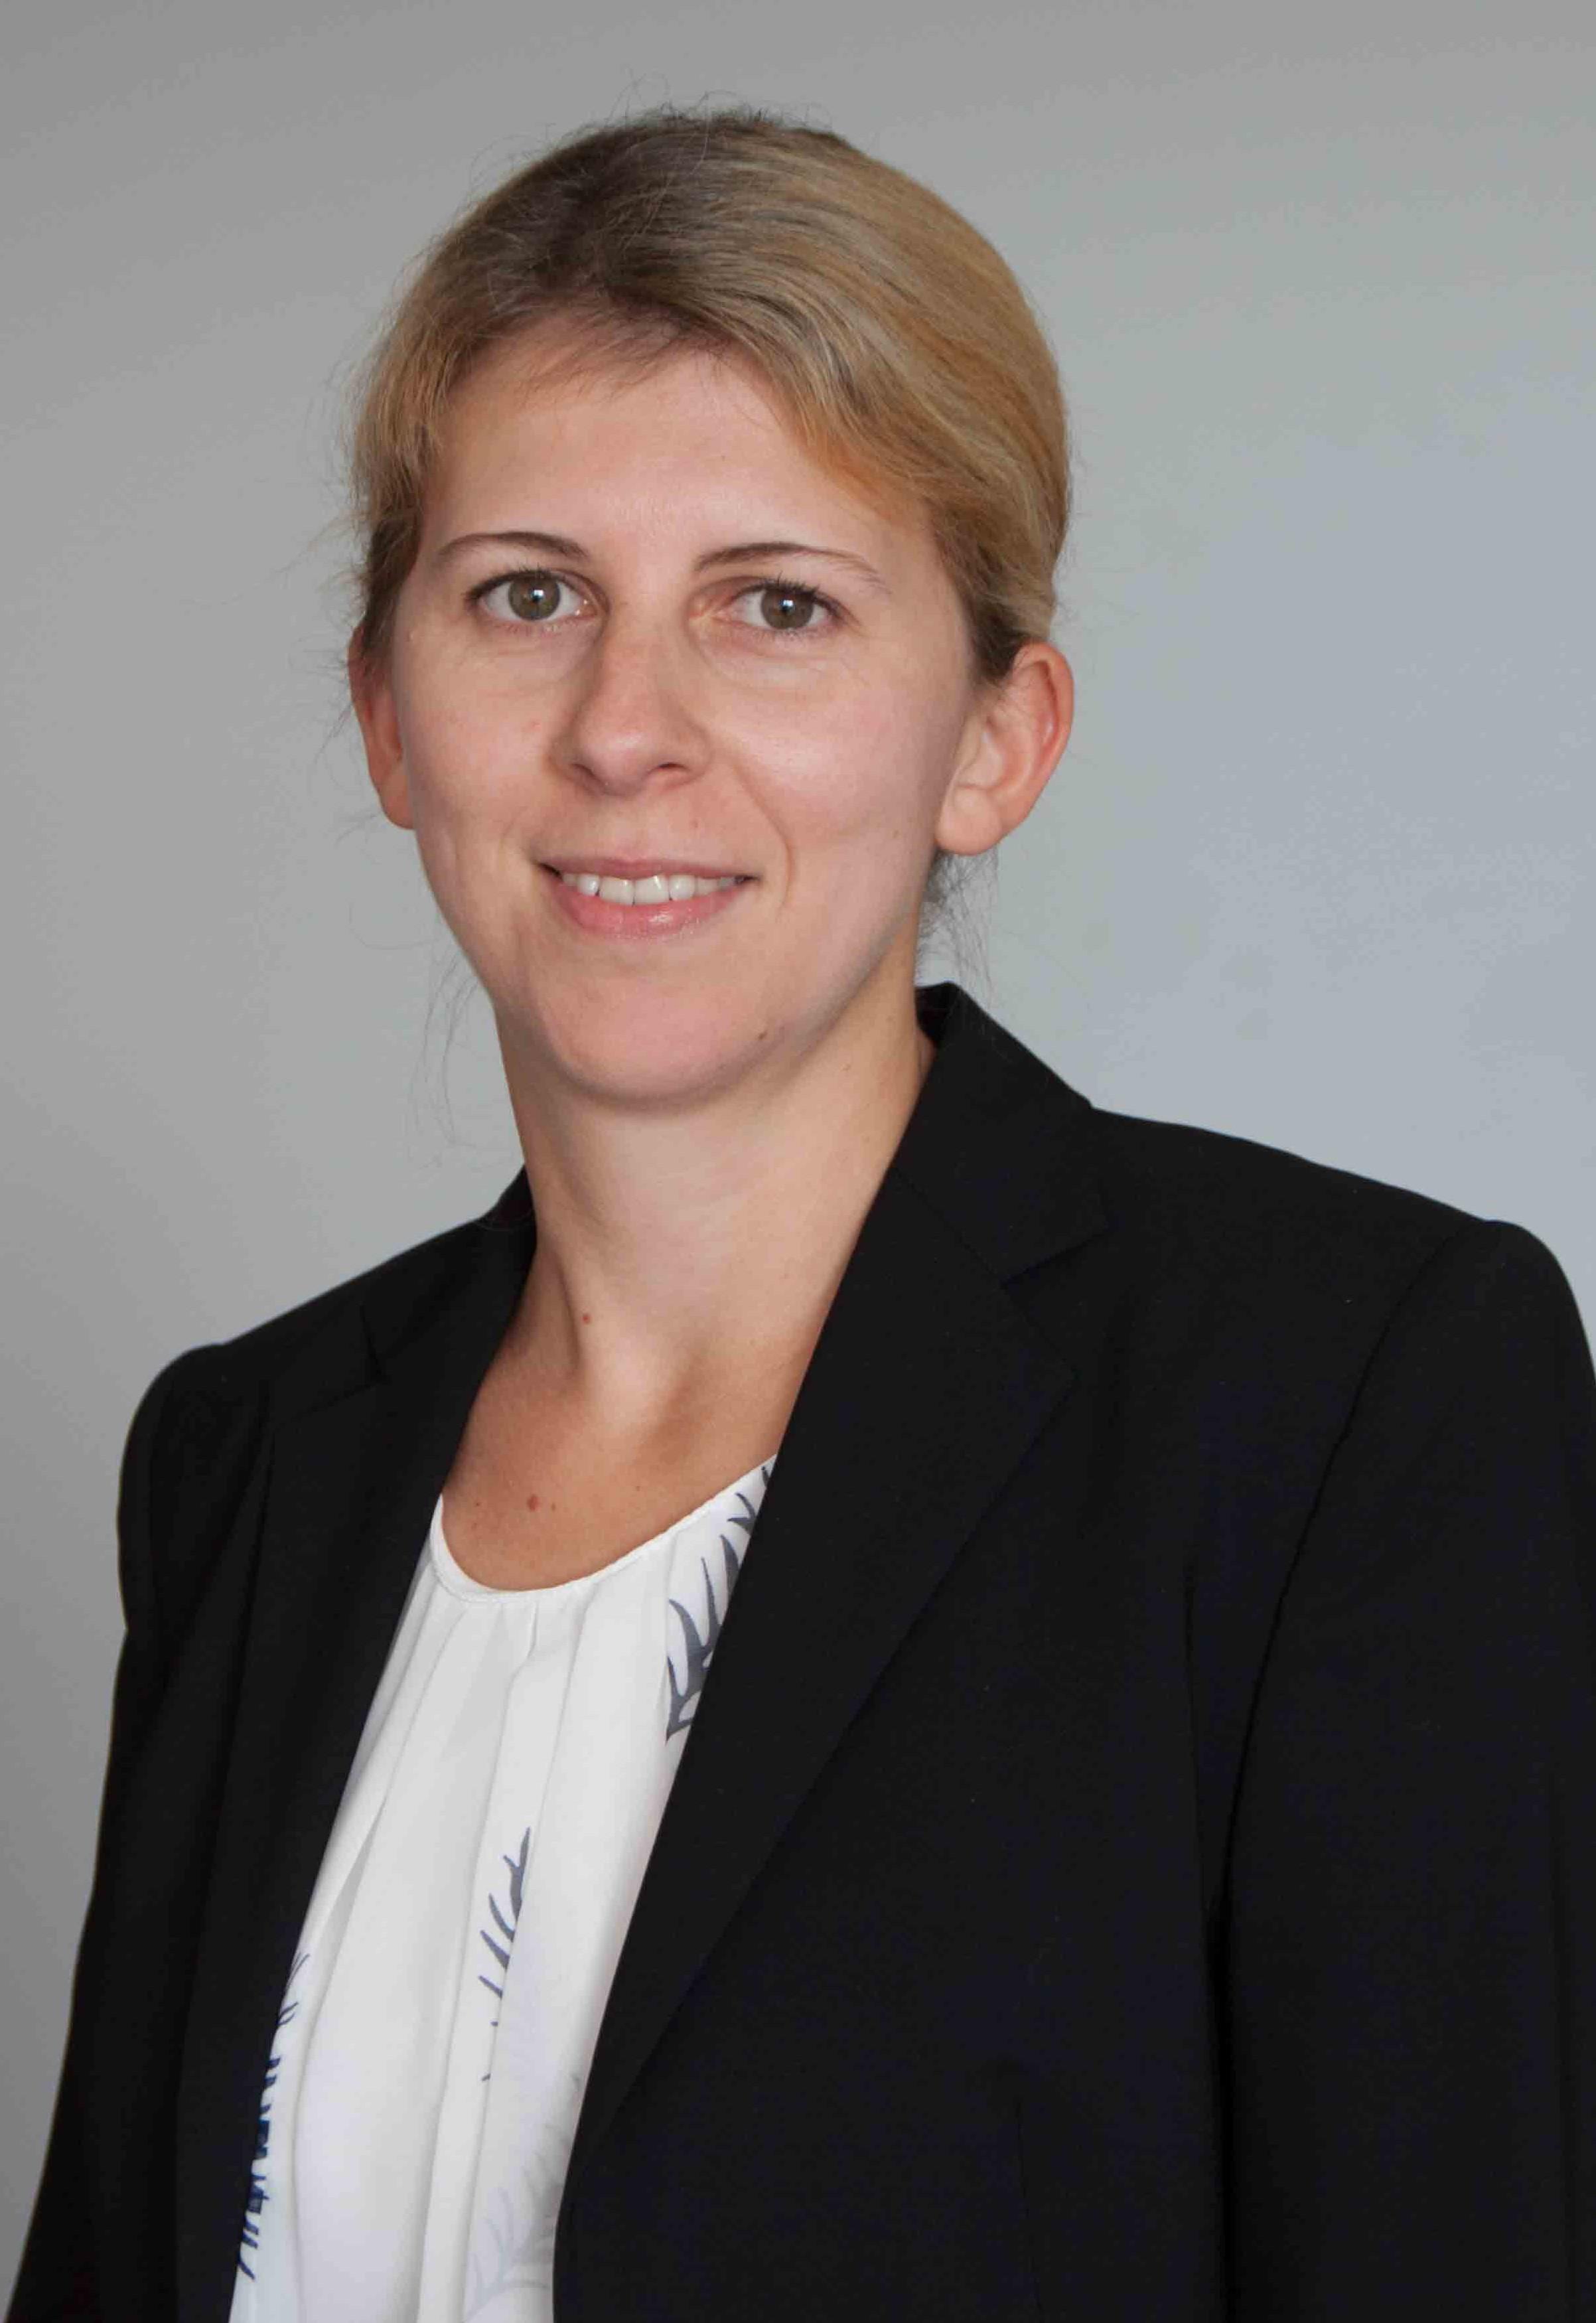 Anne Stöckmann